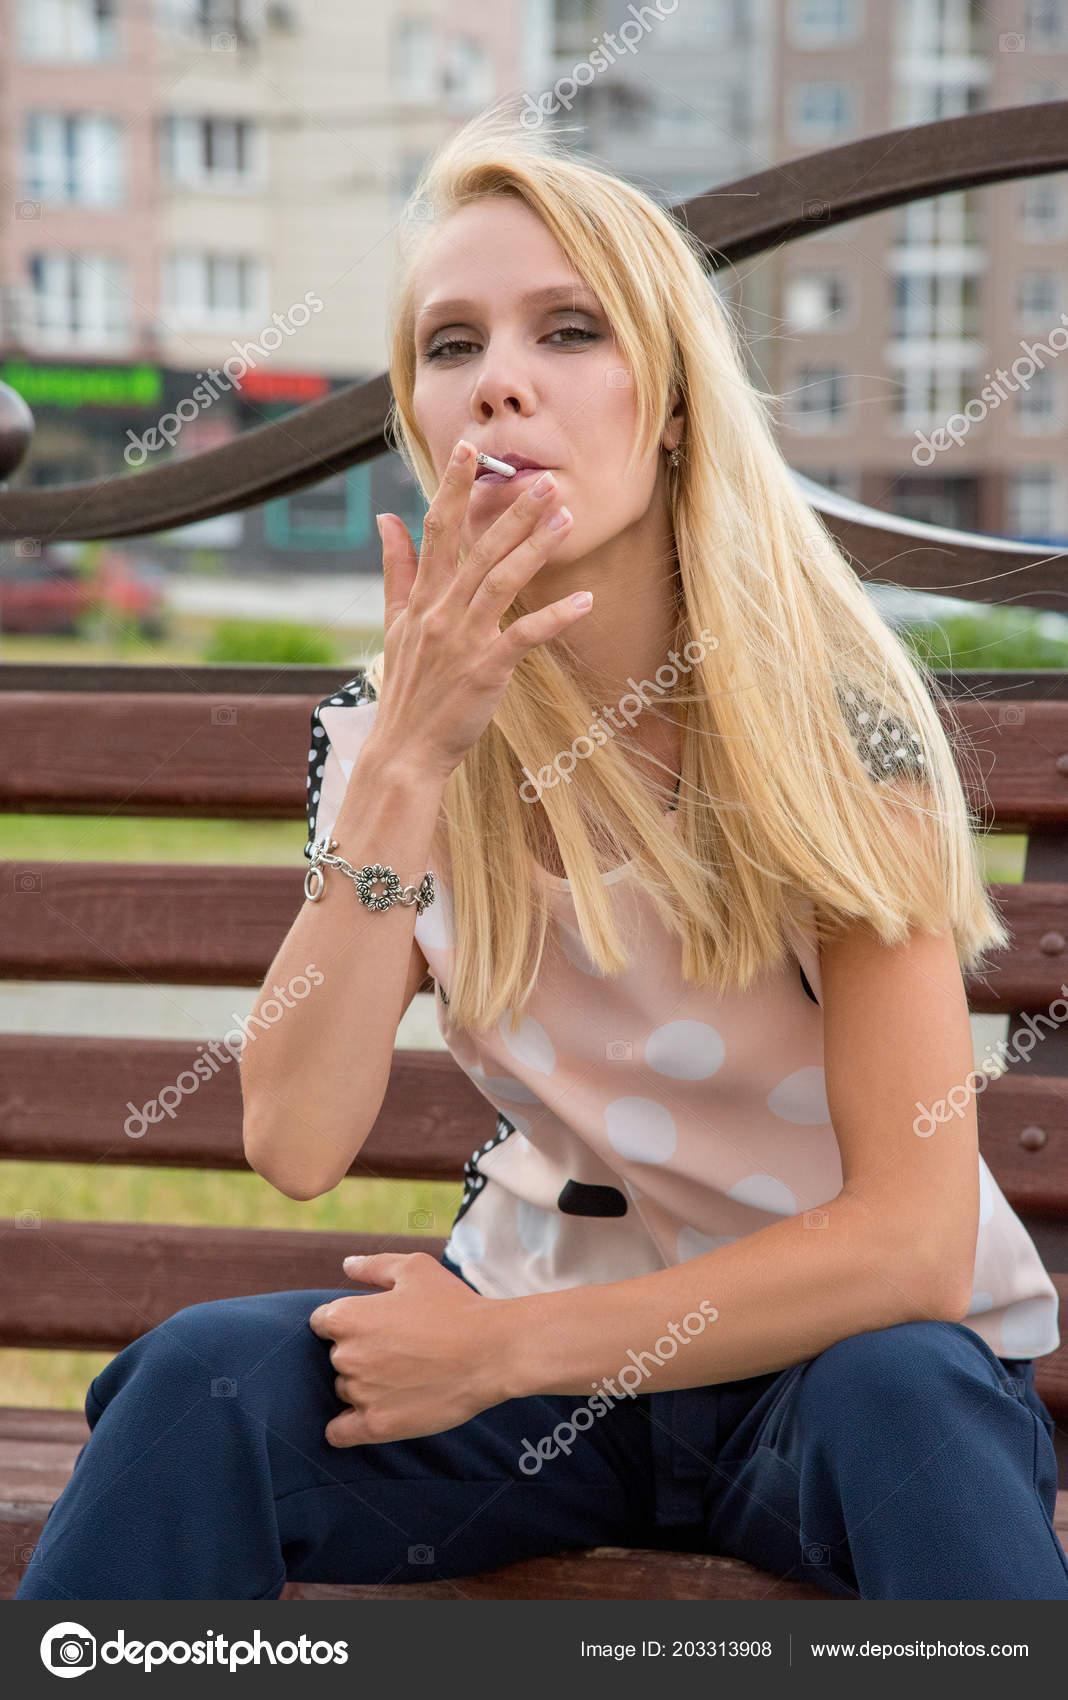 krasivaya-molodaya-blondinka-foto-video-porno-lesbi-devushka